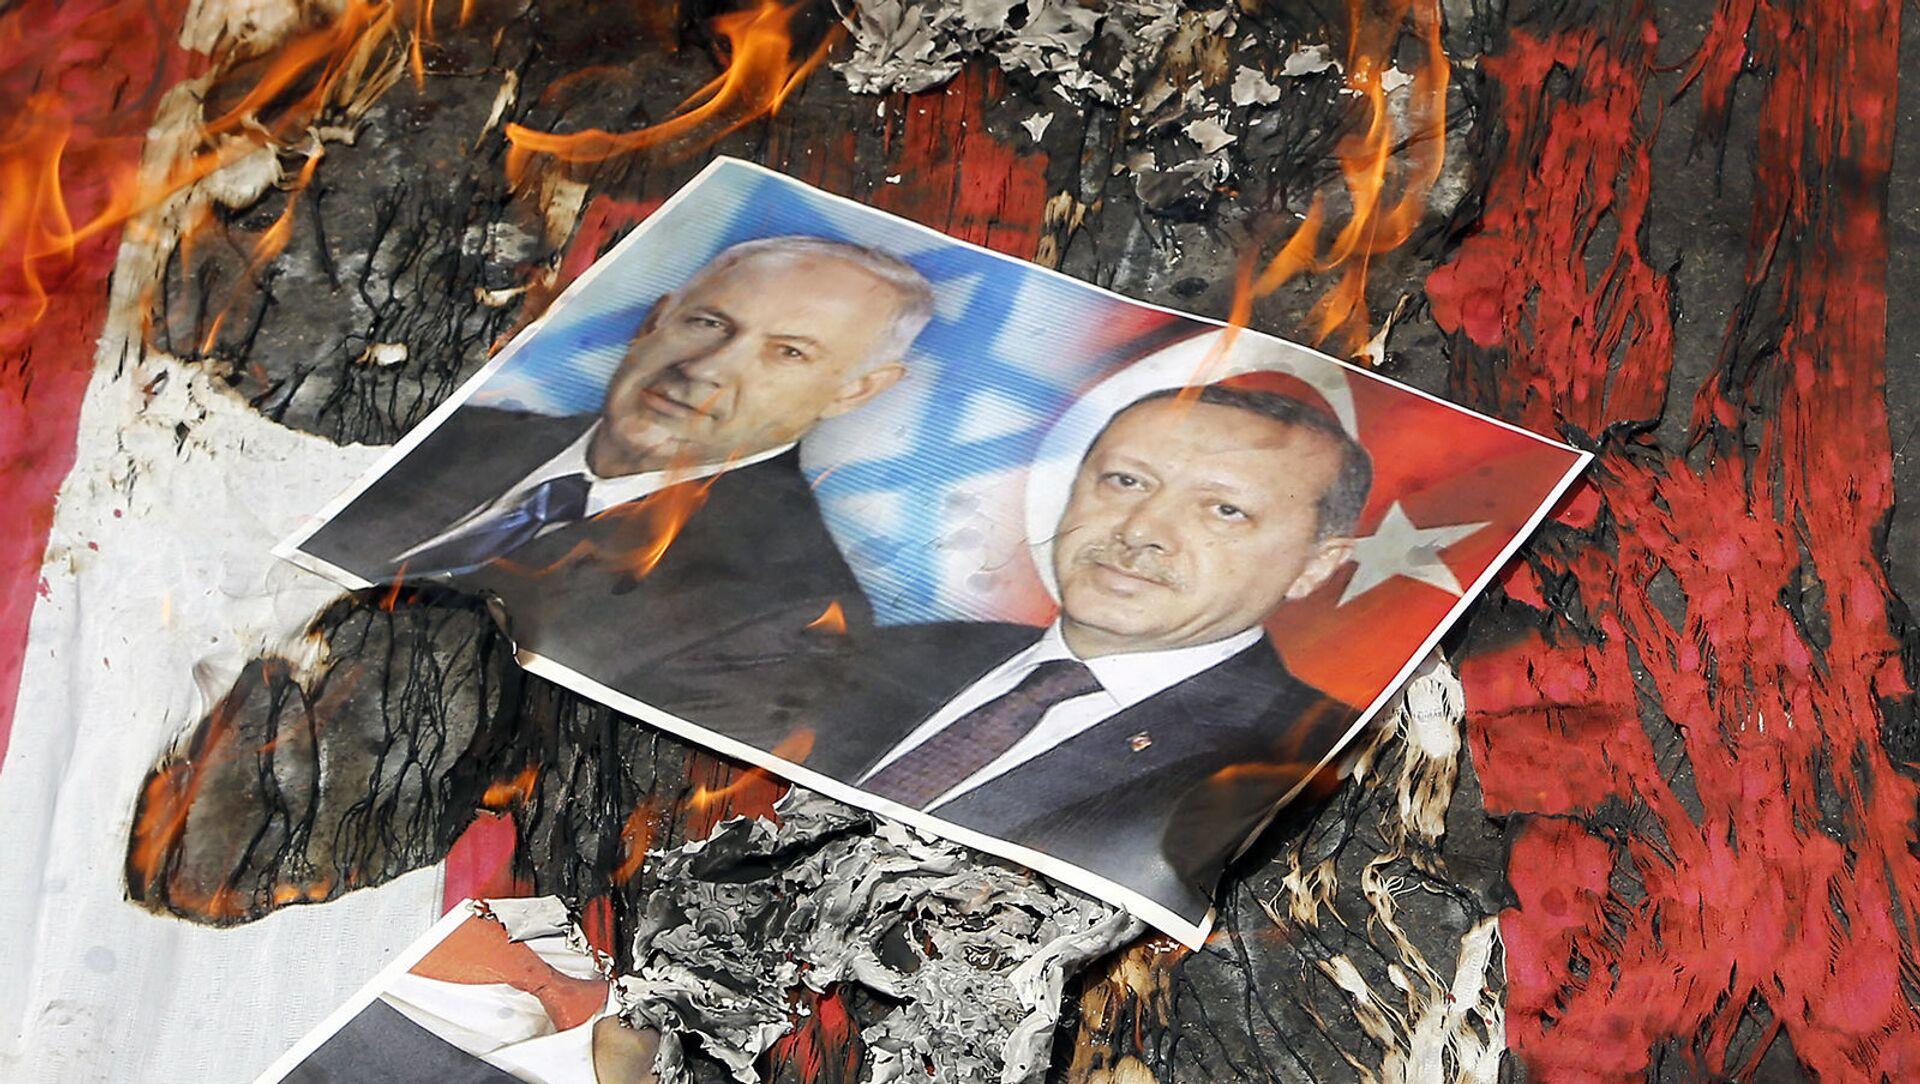 Портреты премьер-министра Израиля Биньямина Нетаньяху и президента Турции Реджепа Эрдогана лежат на флаге США в огне во время парада в честь Дня Аль-Кудса (1 июля 2016). Тегеран - Sputnik Արմենիա, 1920, 16.05.2021